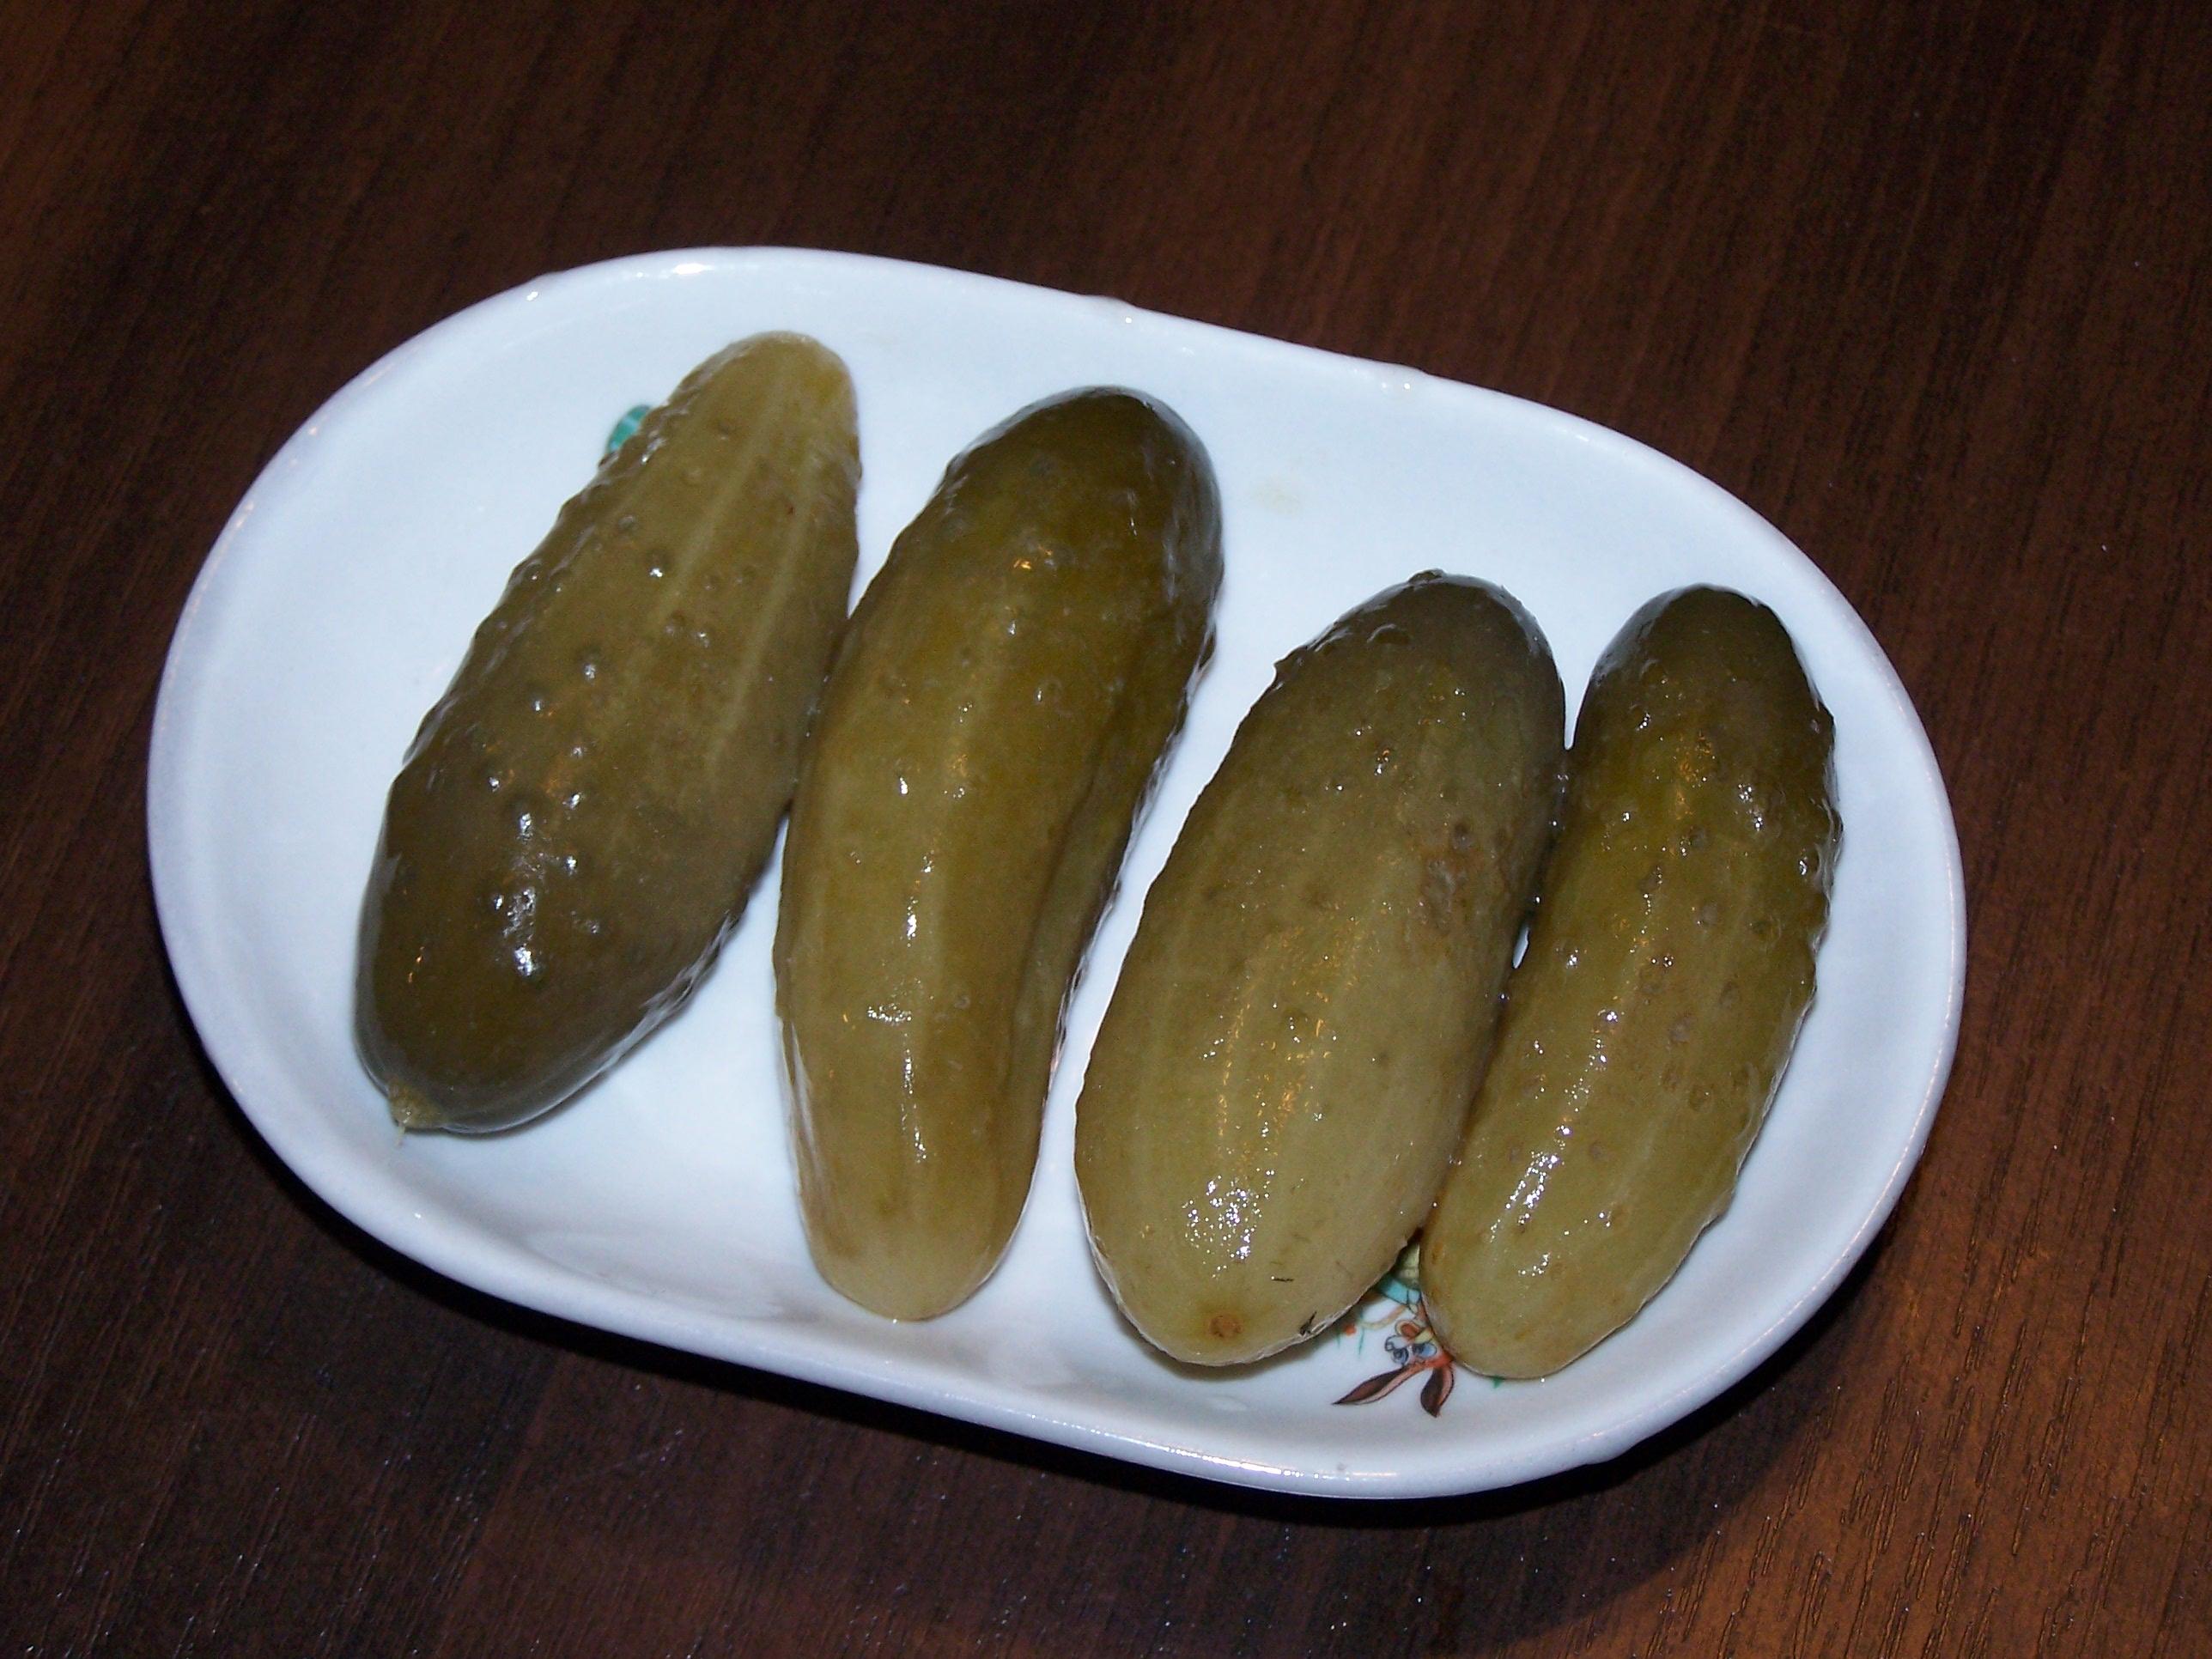 recipe: polish pickles vs kosher [36]